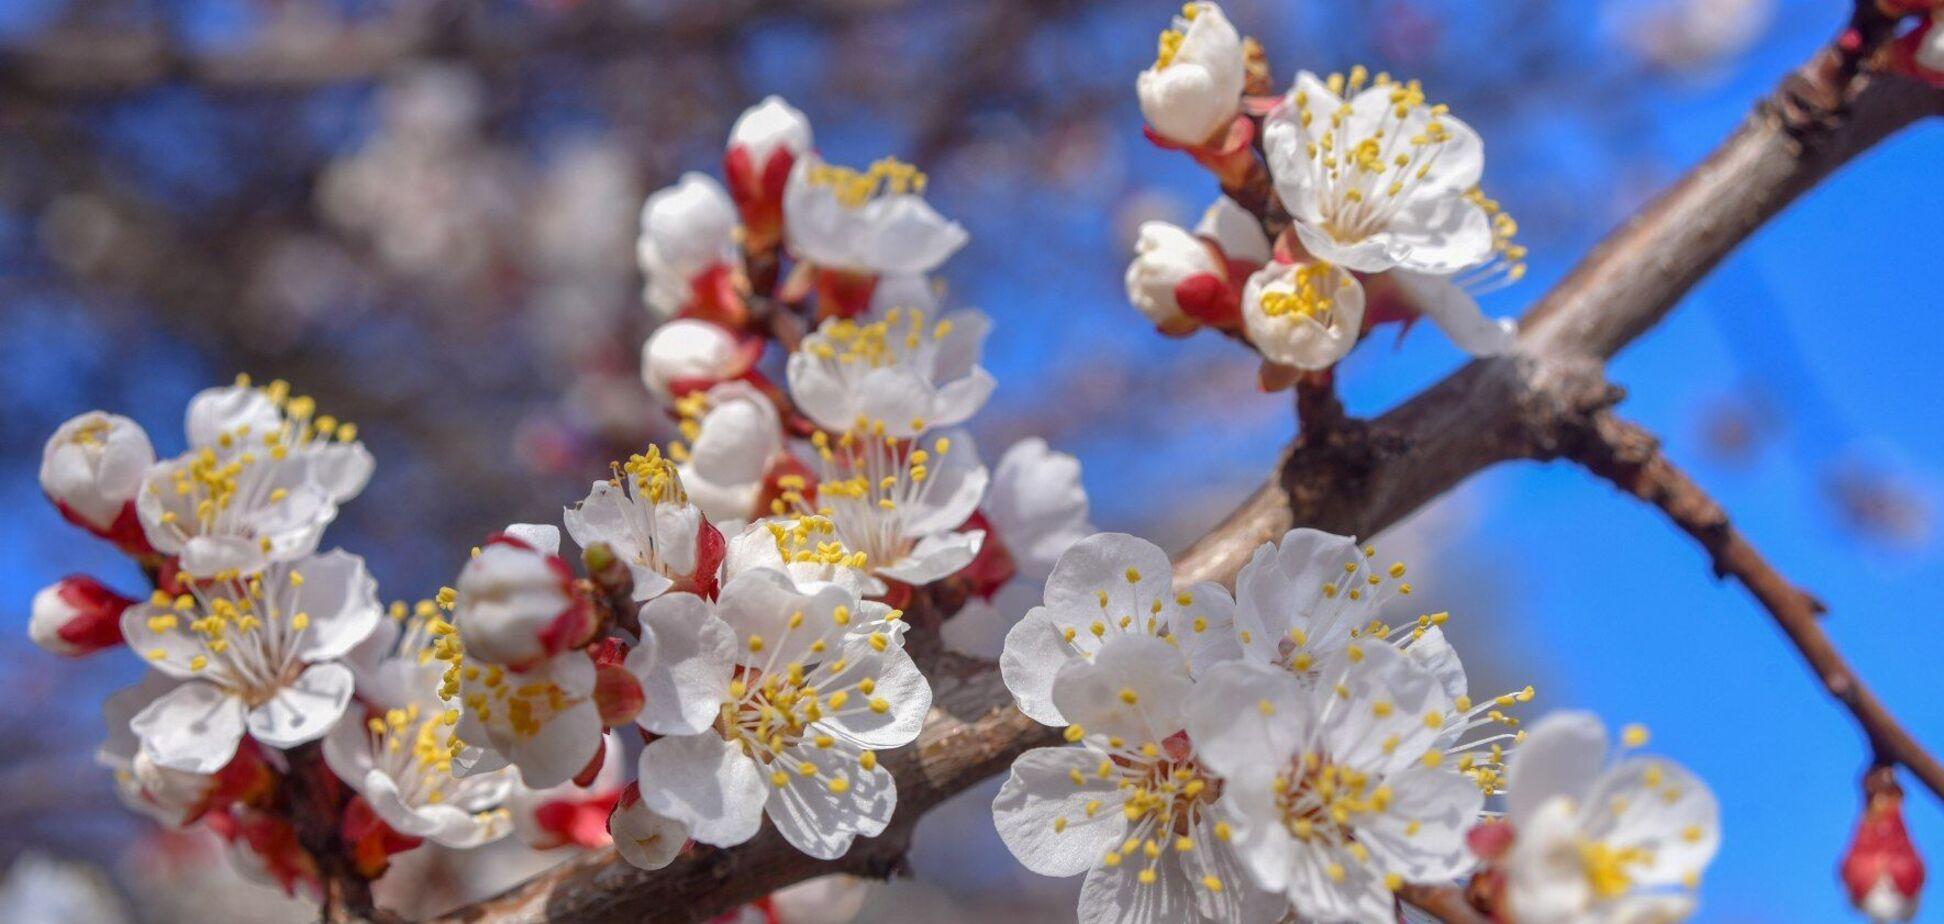 В Украину идет потепление: народный синоптик дал подробный прогноз на конец марта и начало апреля